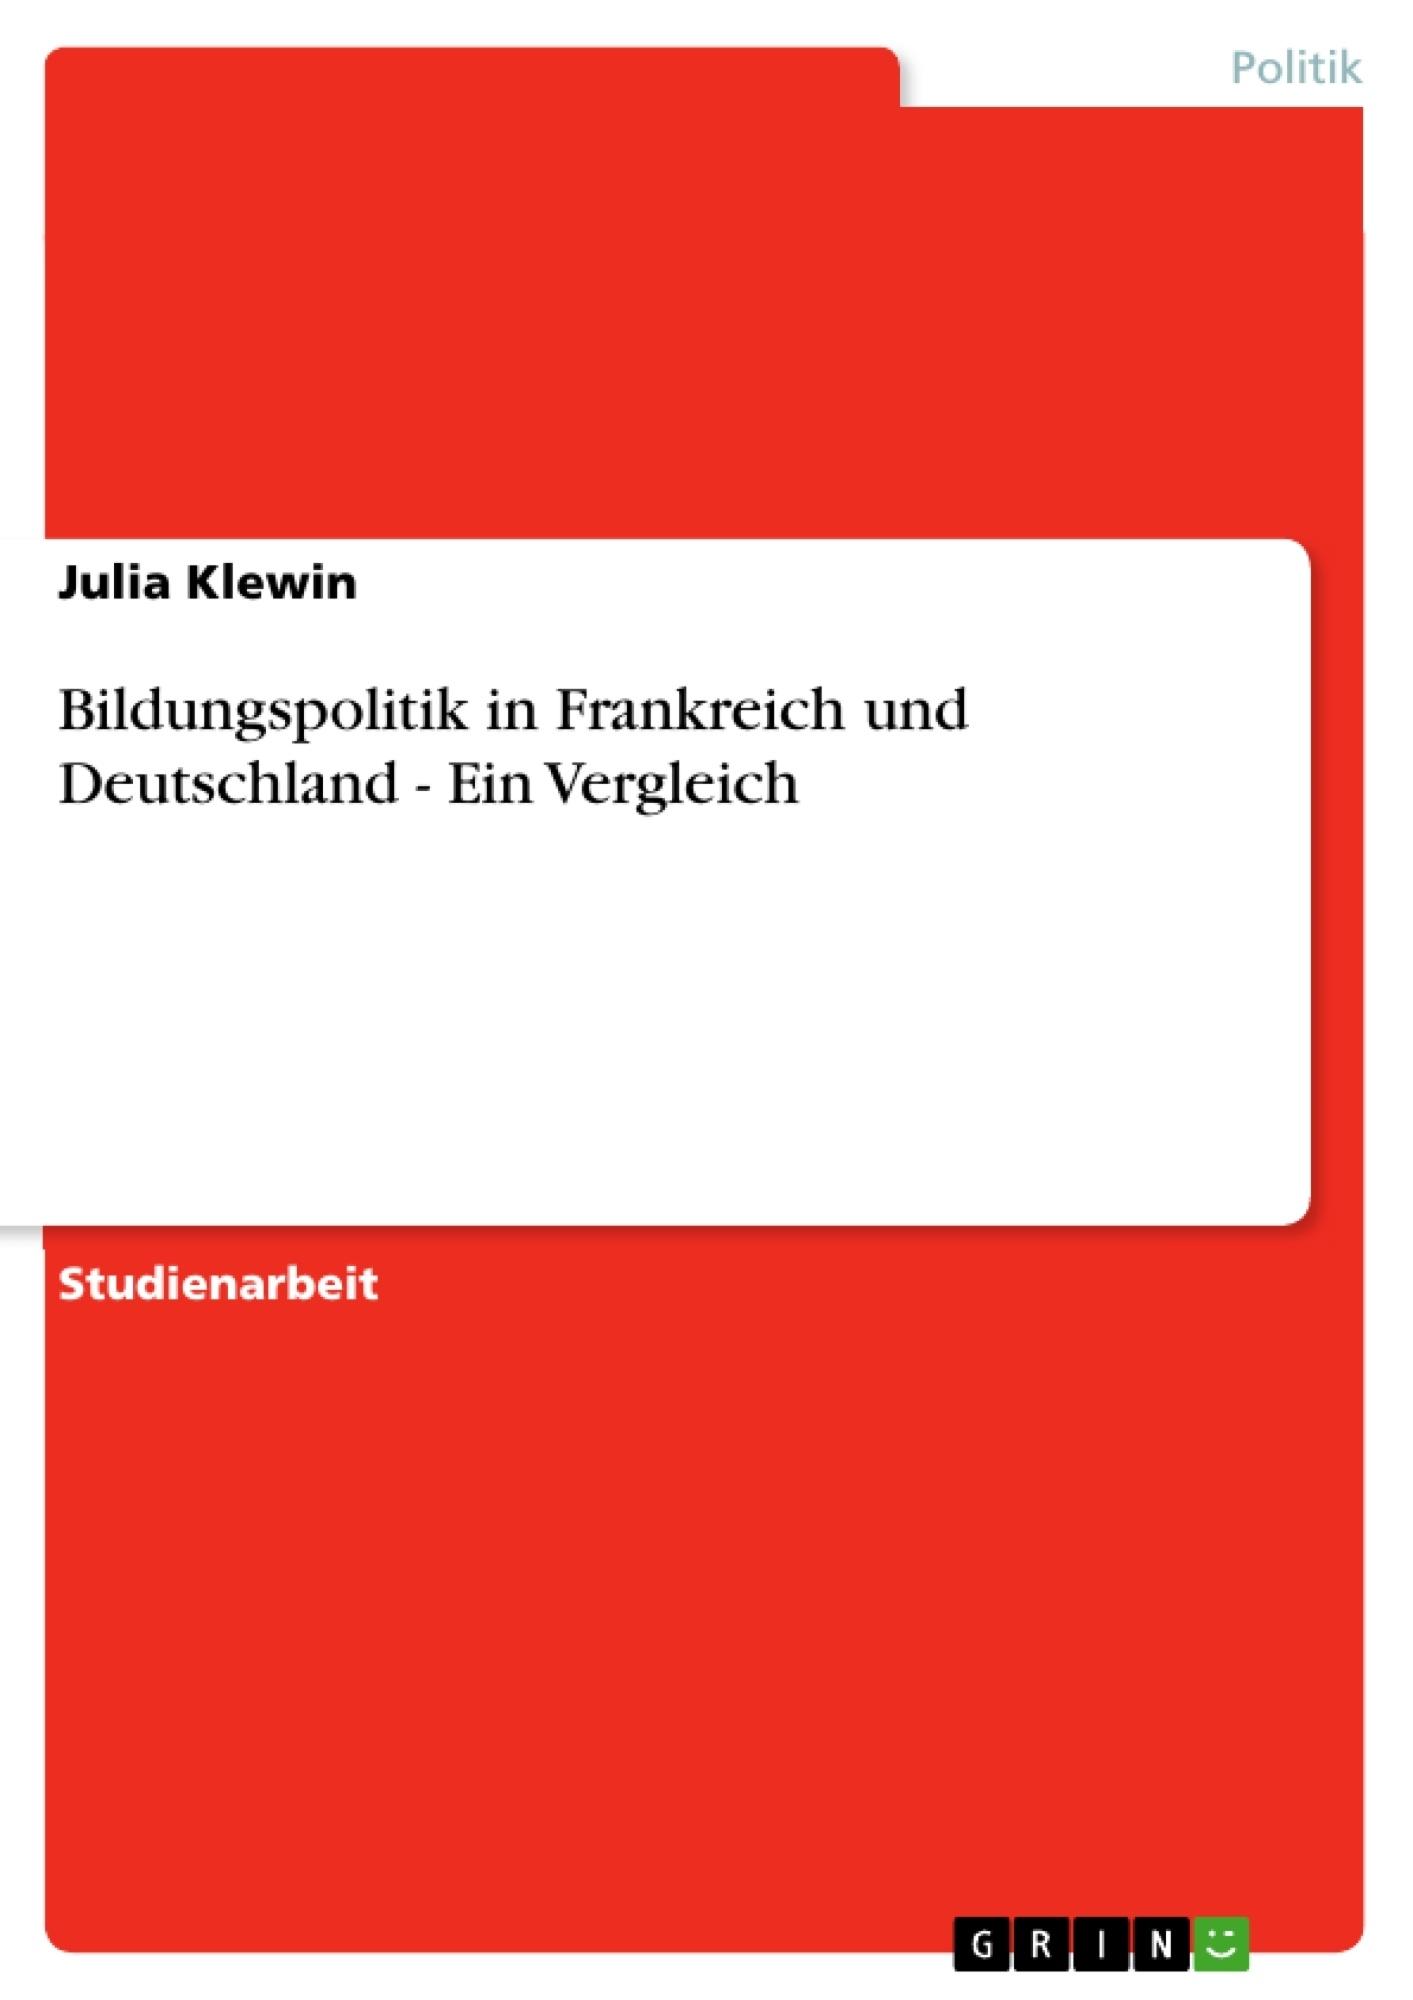 Titel: Bildungspolitik in Frankreich und Deutschland - Ein Vergleich